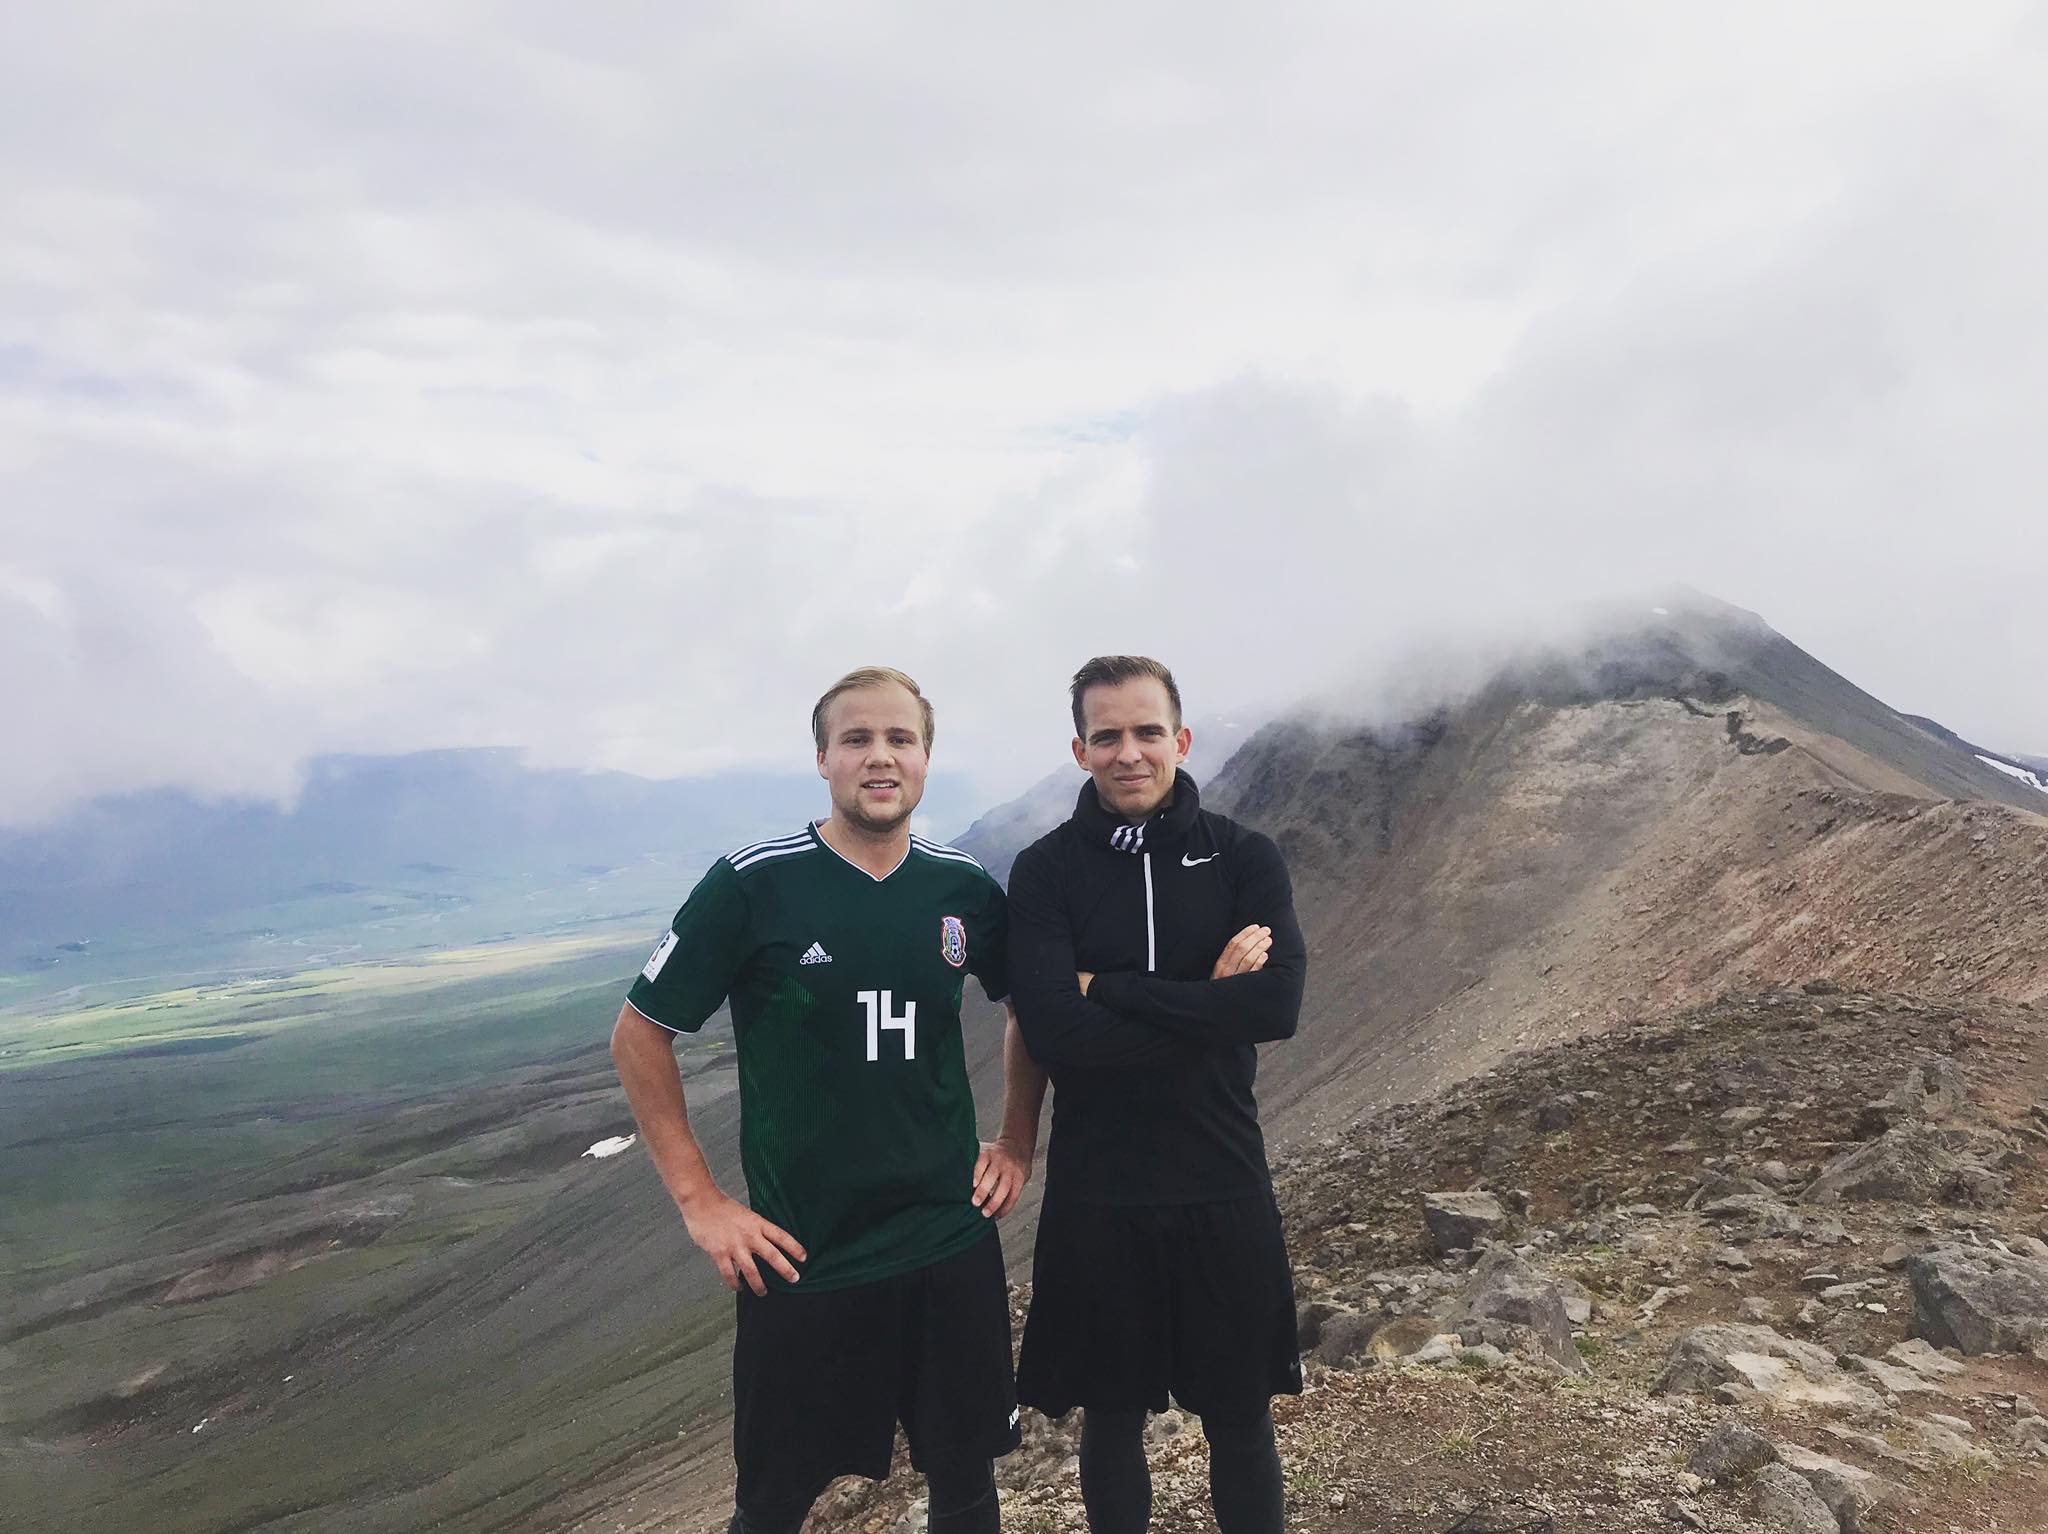 Boltinn á Norðurlandi: Leikur sumarsins, útstimplun og óskráður samningur